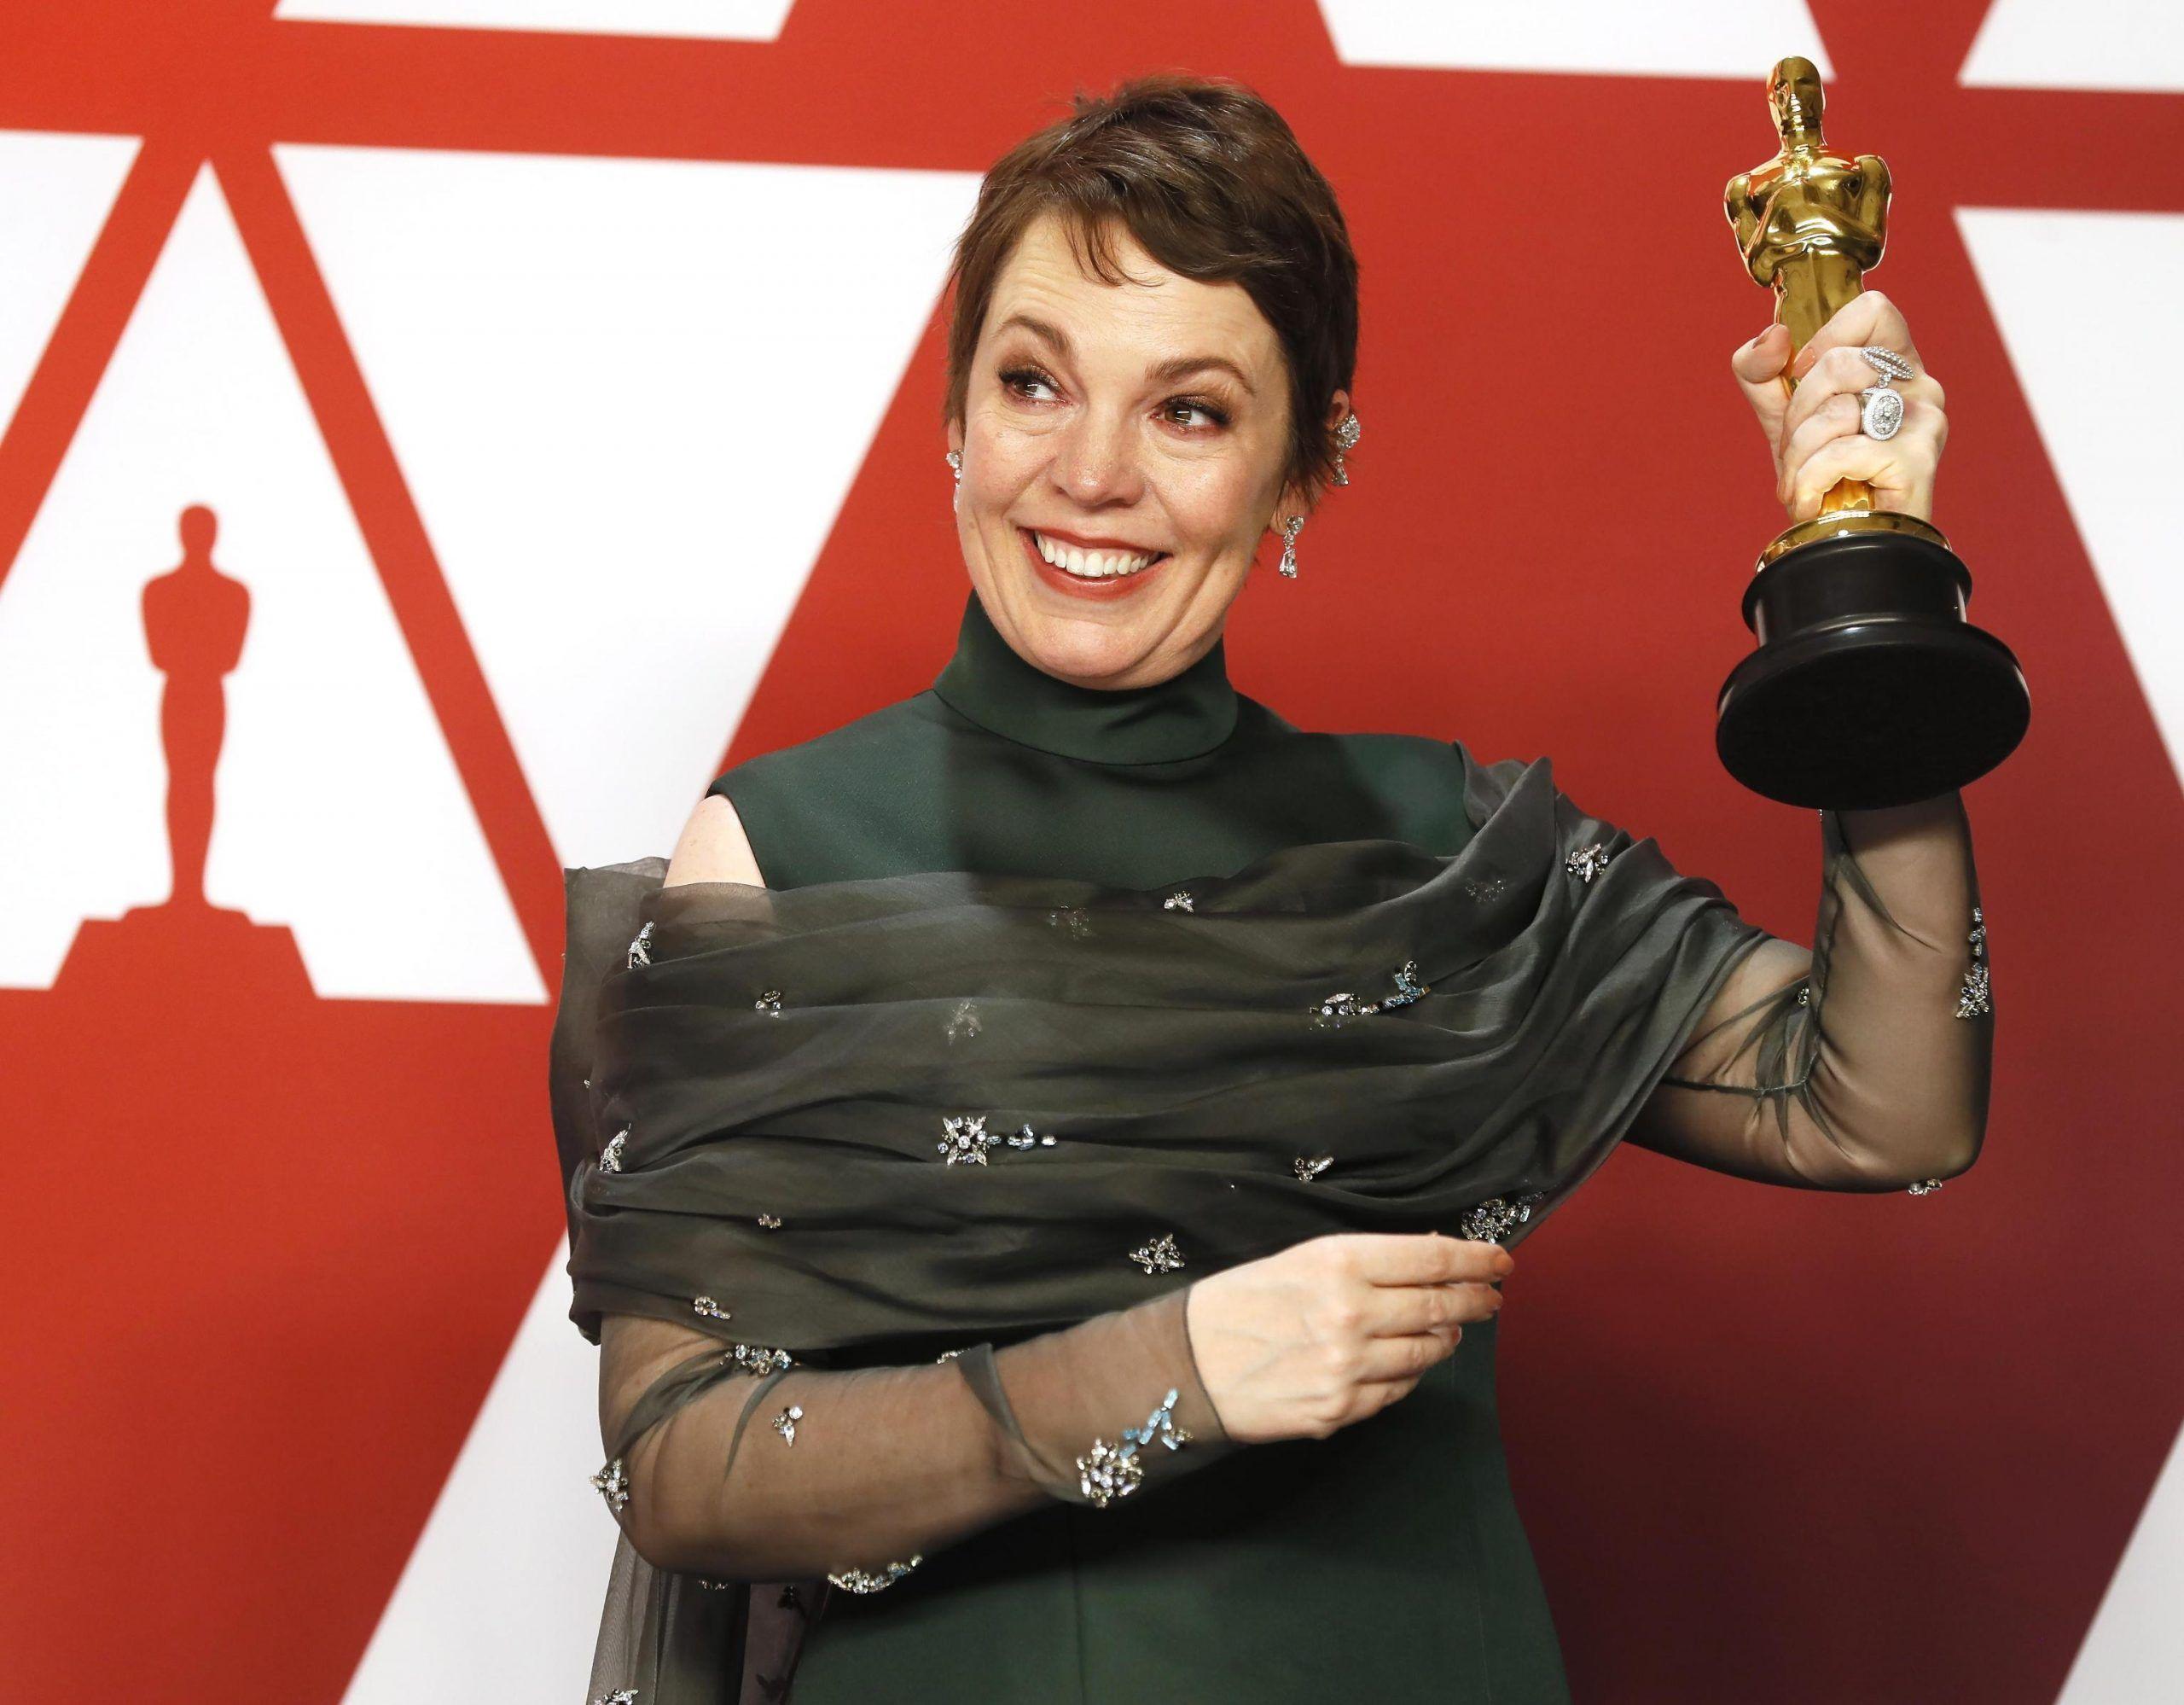 Oscar 2019, Olivia Colman migliore attrice: 'Ero addetta alle pulizie, sognavo questo momento'